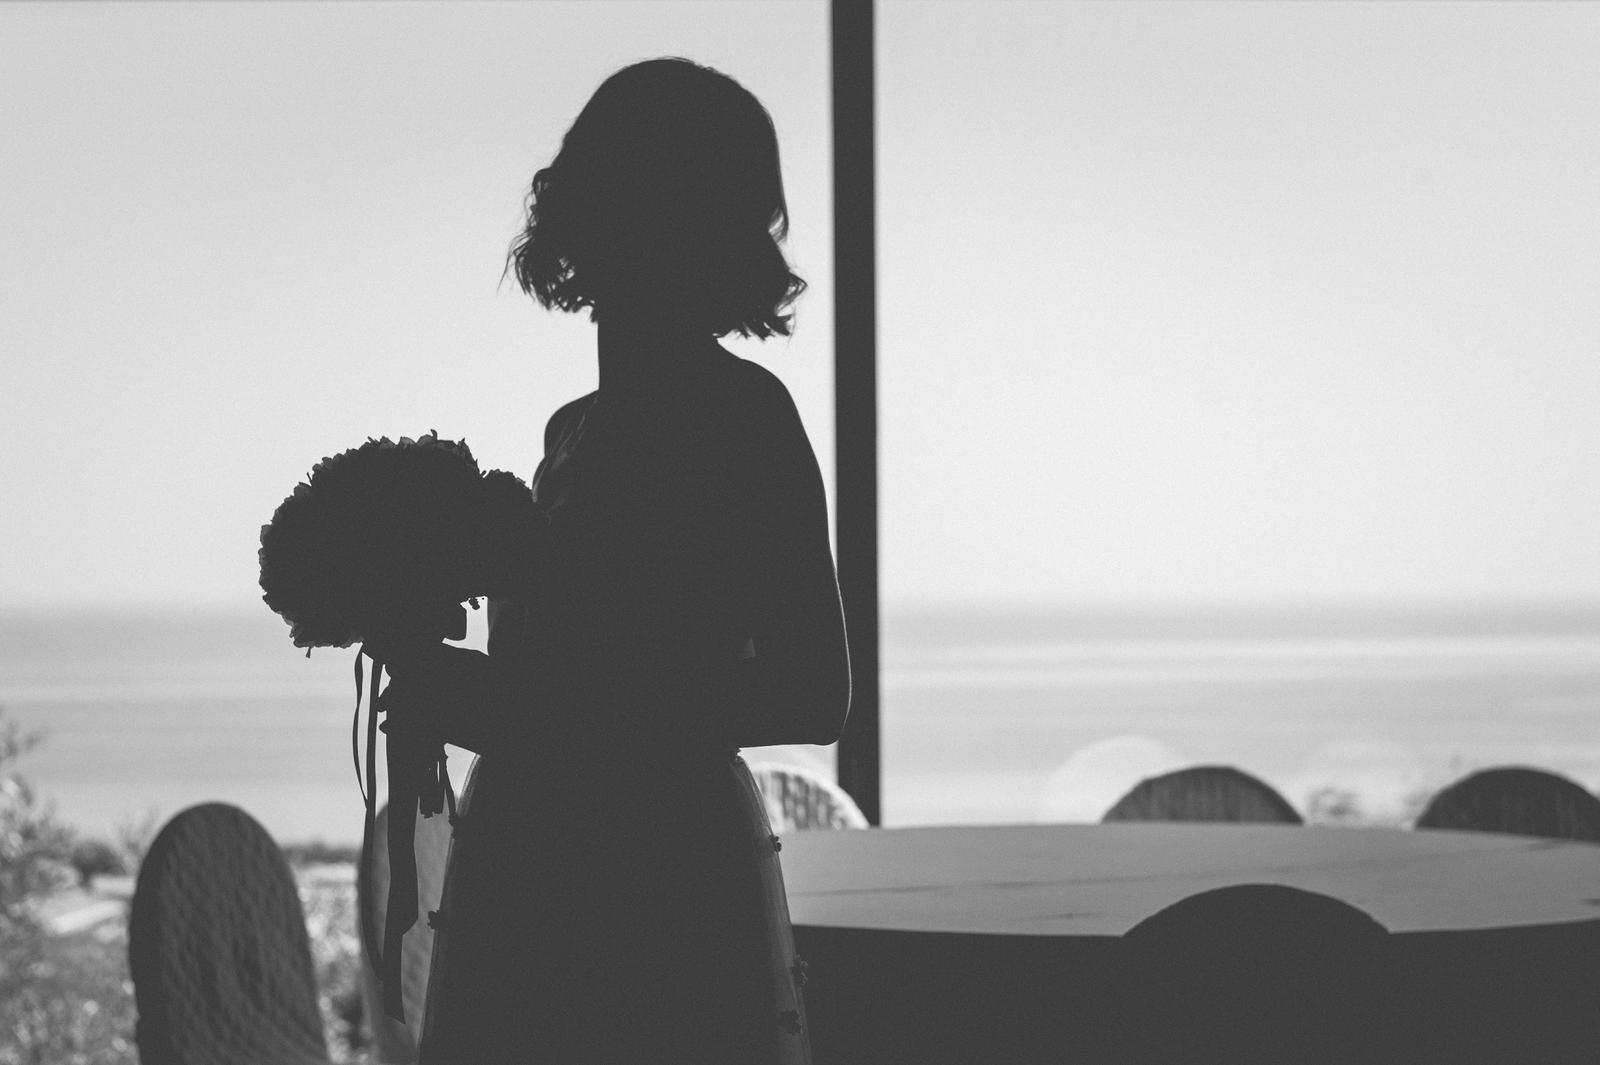 Svatby roku 2019 - Obrázek č. 14